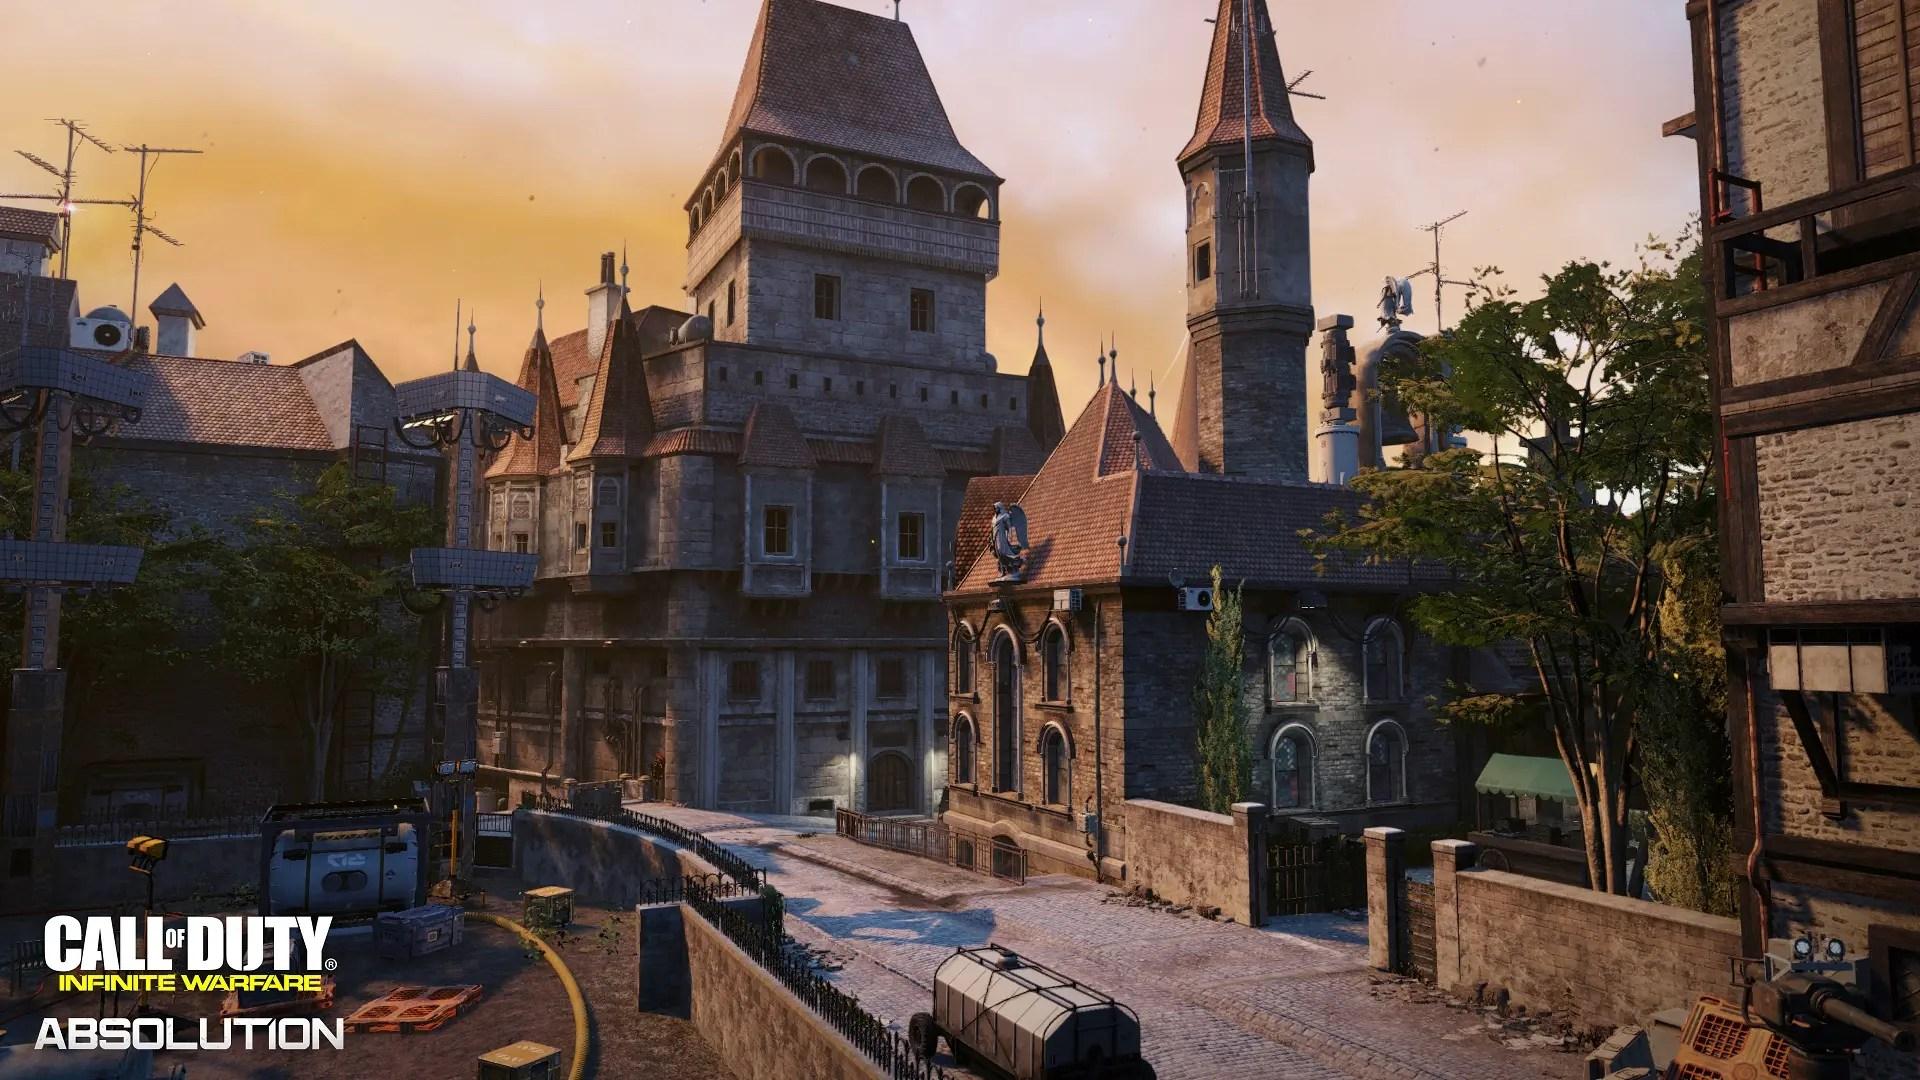 Mapa Ember en Call of Duty: Infinite Warfare Absolution